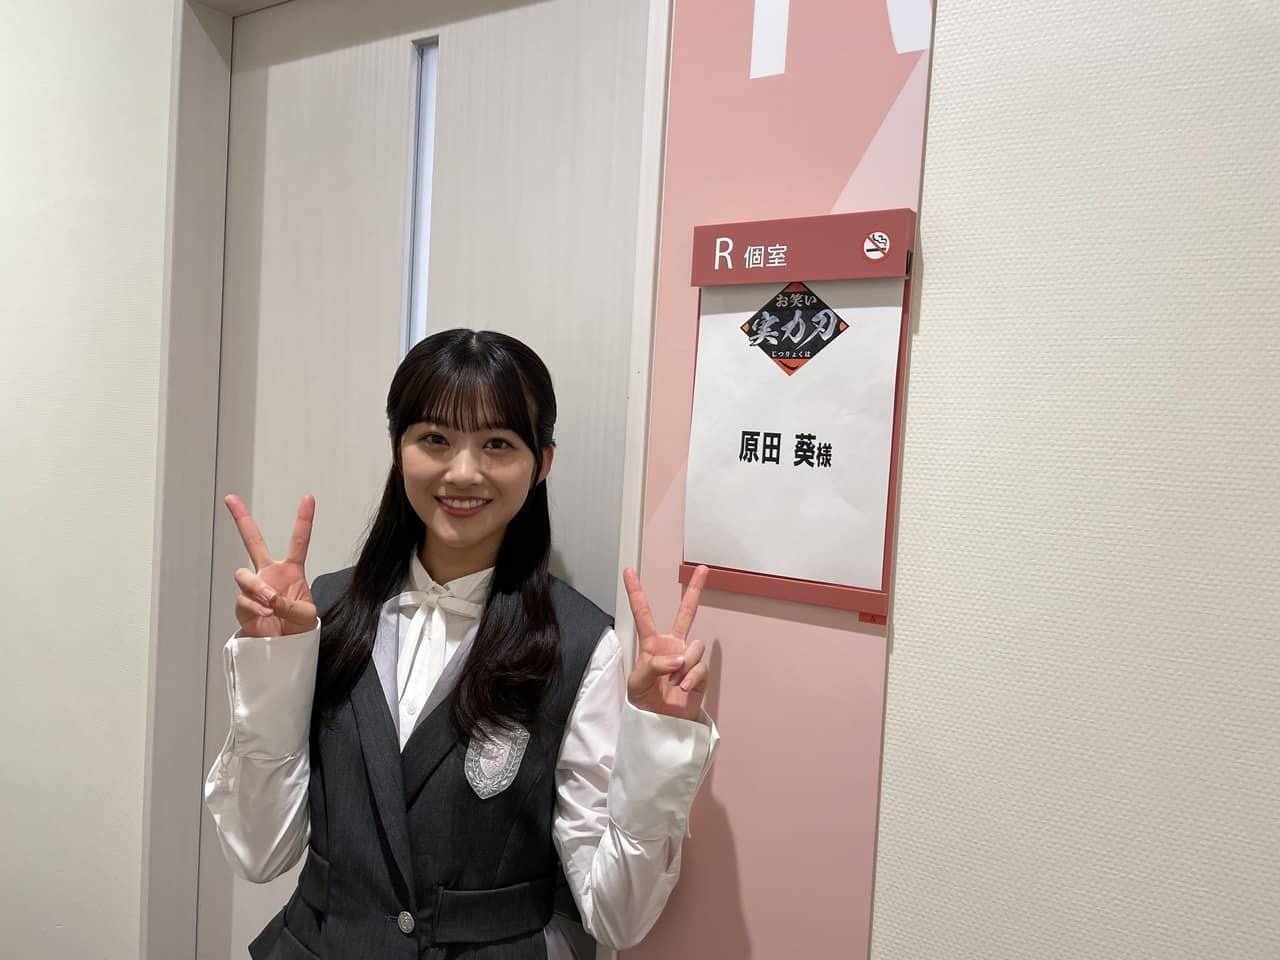 櫻坂46 原田葵が「お笑い実力刃」にゲスト出演!